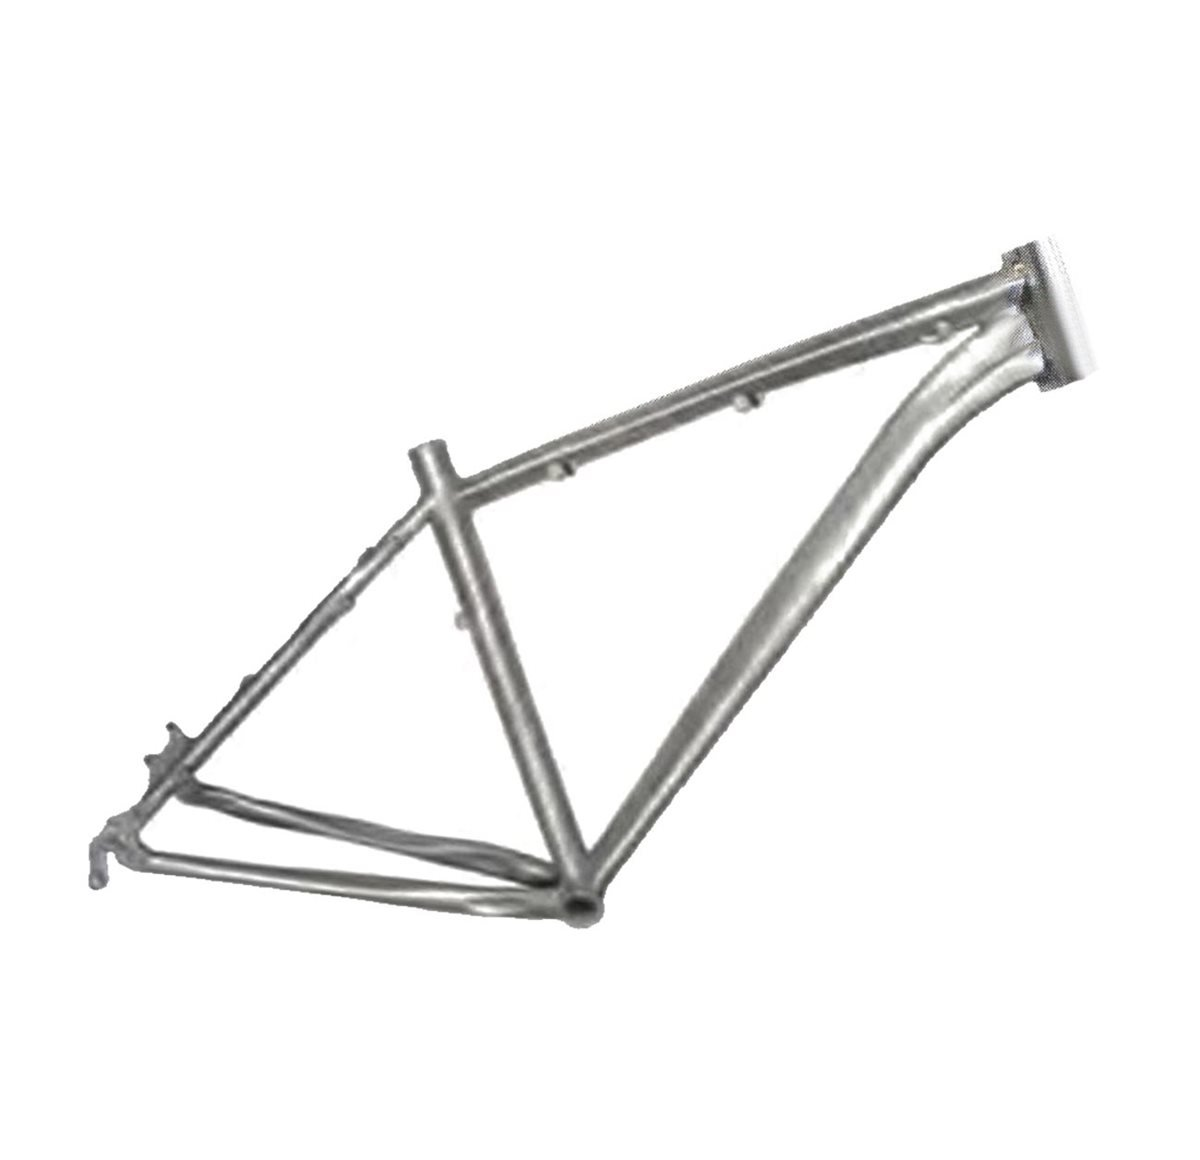 """& 039;Ridewill Bike Rahmen 29 """"MTB 1 – 1 8"""" Gr. 38 Disco Is Alu roh (MTB) Frame 29 """"MTB 1 – 1 8 Größe 38 is Disc RAW Alloy (MTB)"""